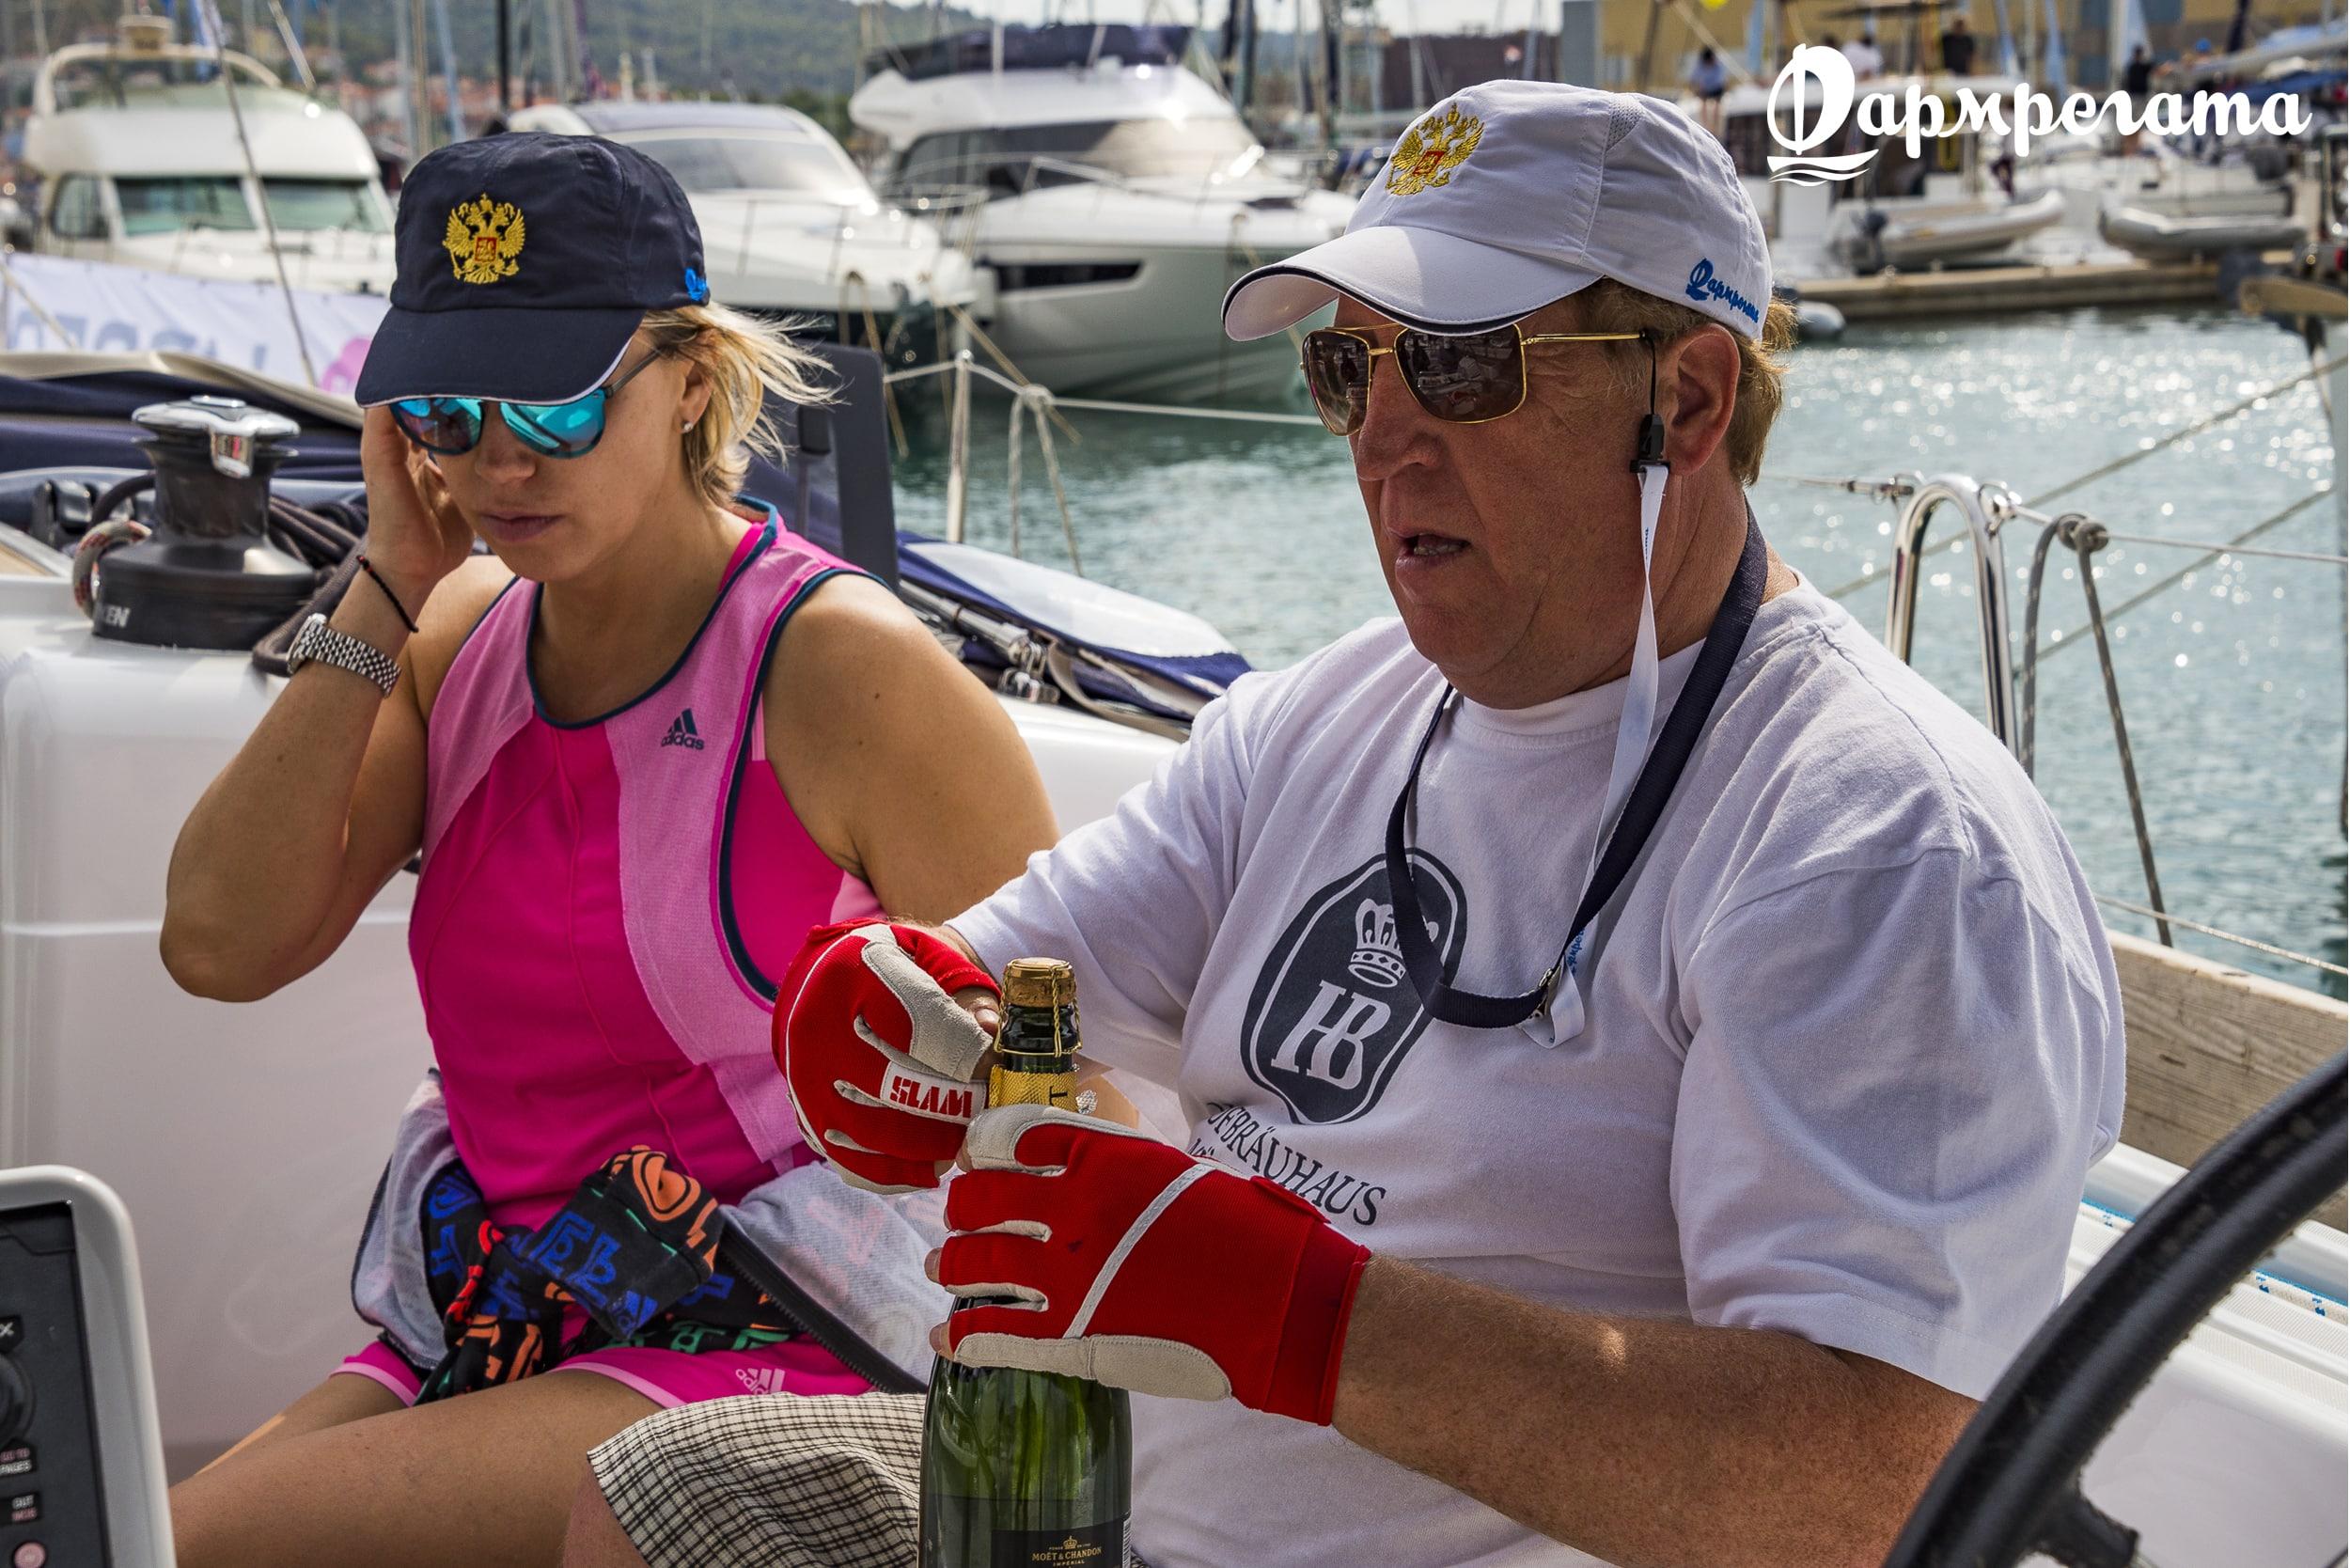 Экипаж яхты, отдых - ДСМ групп Фармрегата 2017 - DSM Group Pharmregata 2017